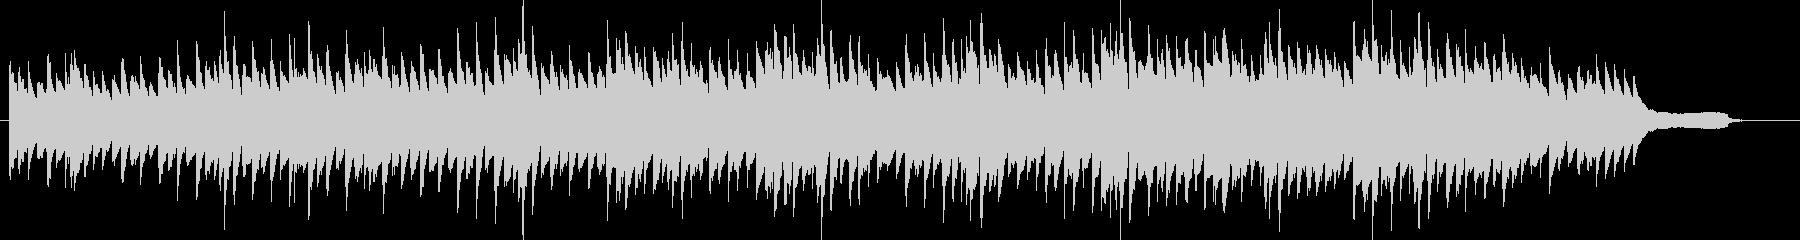 CM/ピアノ/優しい/感動/家族/E♭の未再生の波形